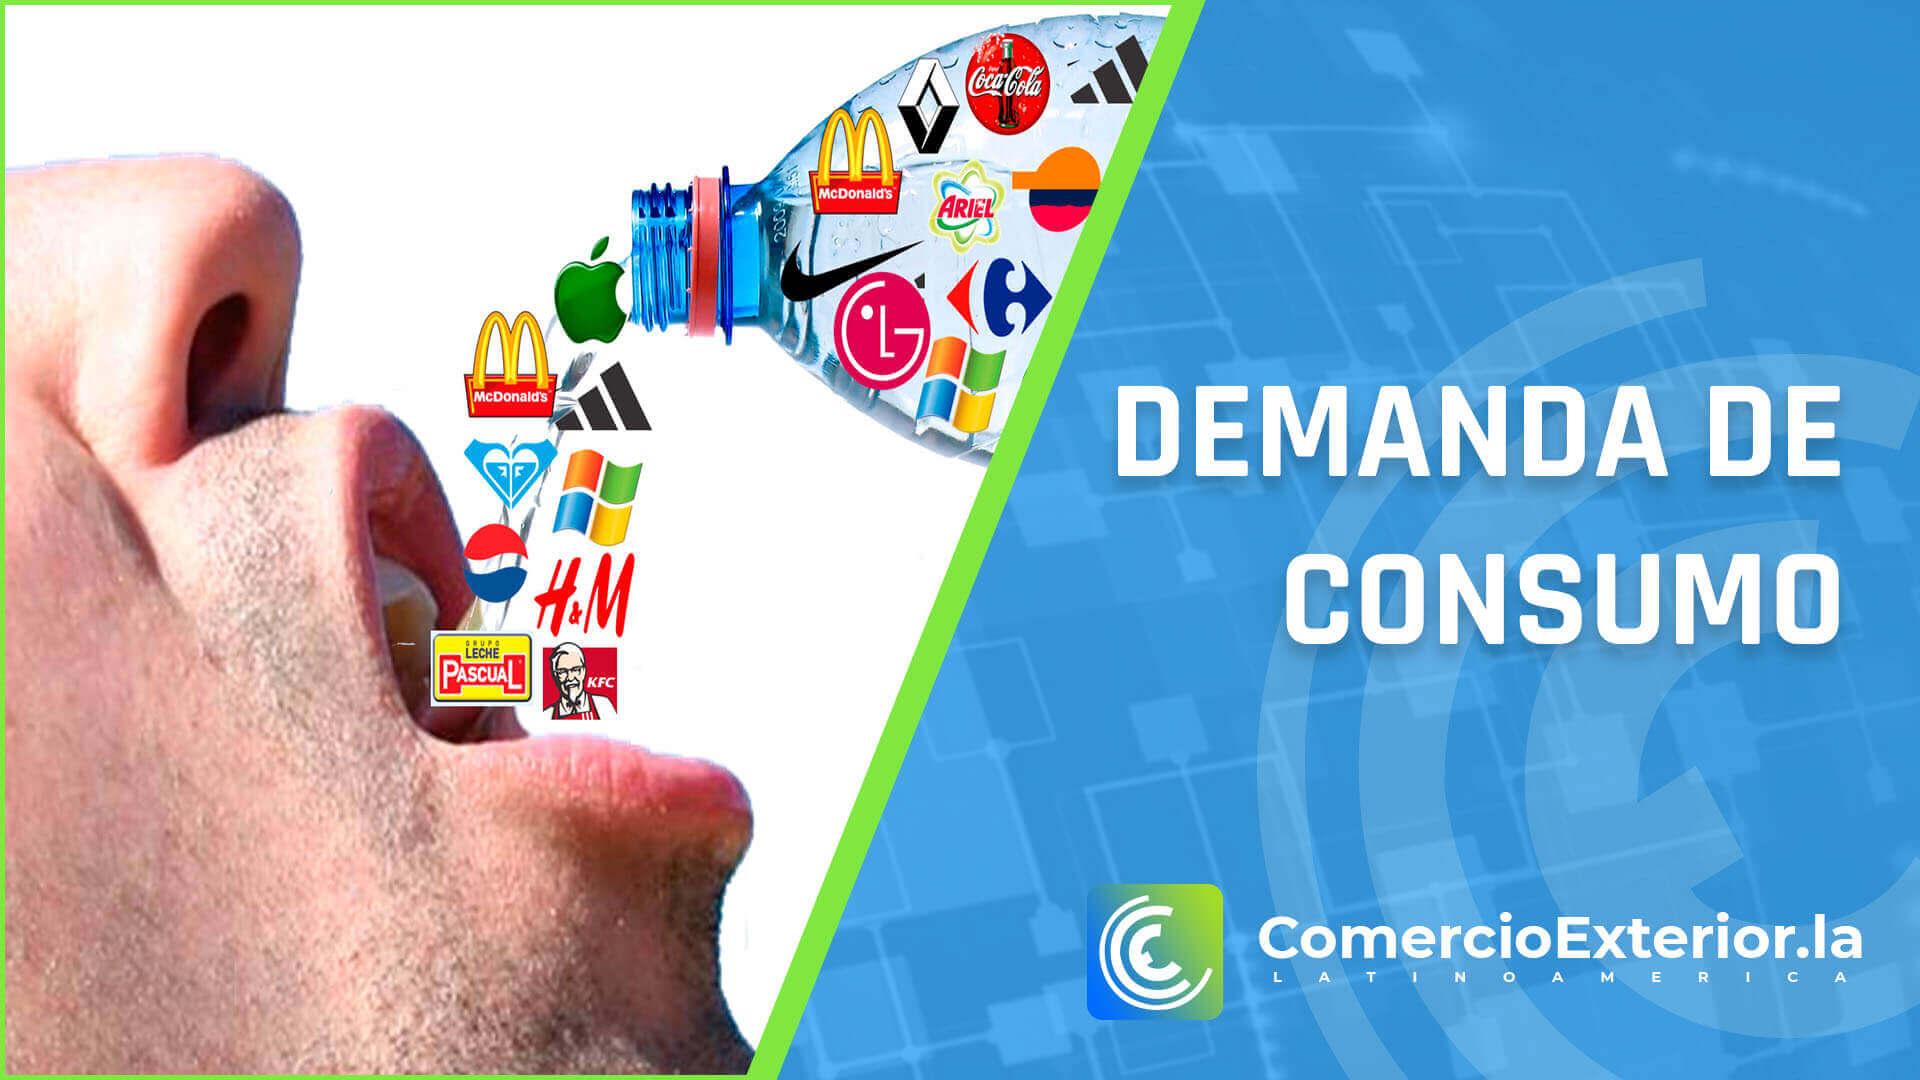 que es demanda de consumo